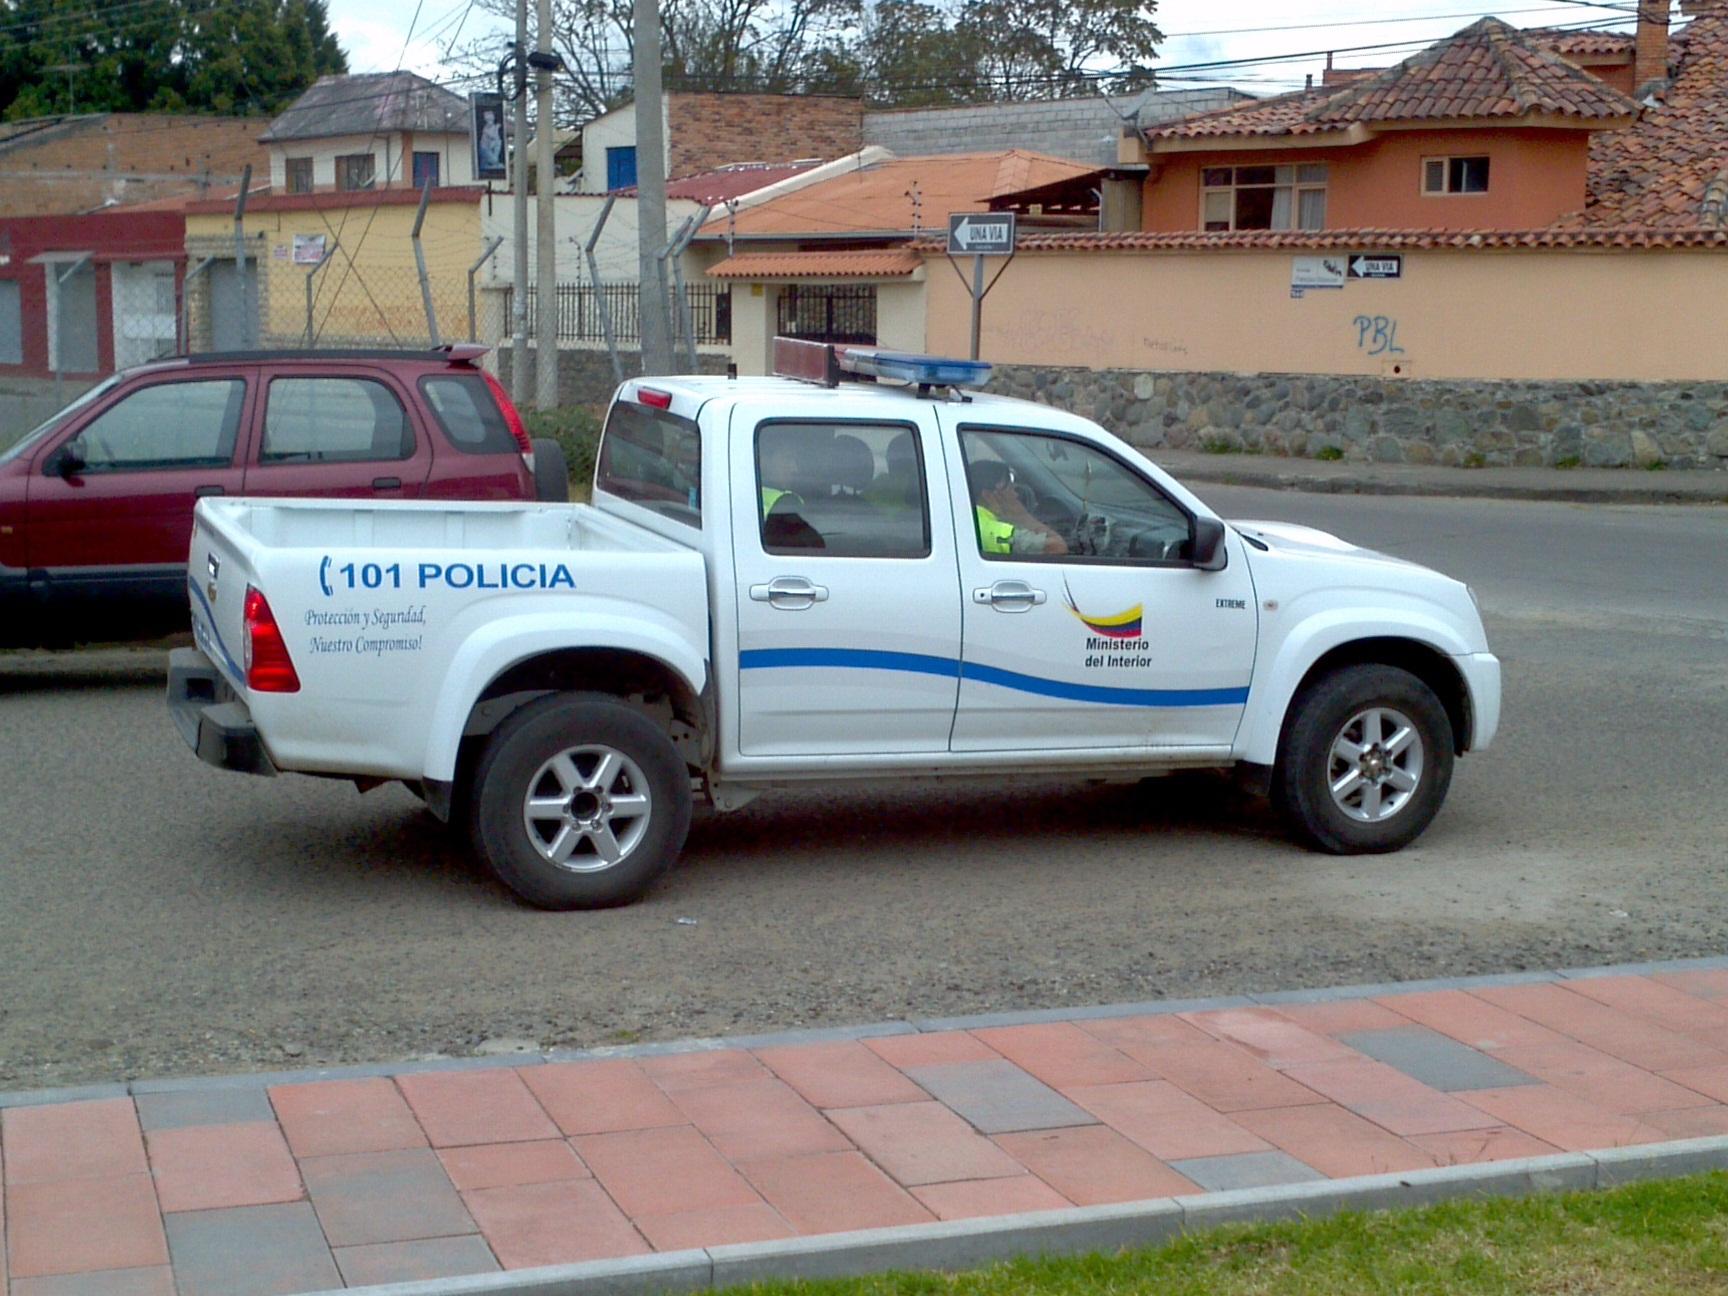 Ministerio del interior de ecuador wikipedia la for Ministerio del interior ecuador